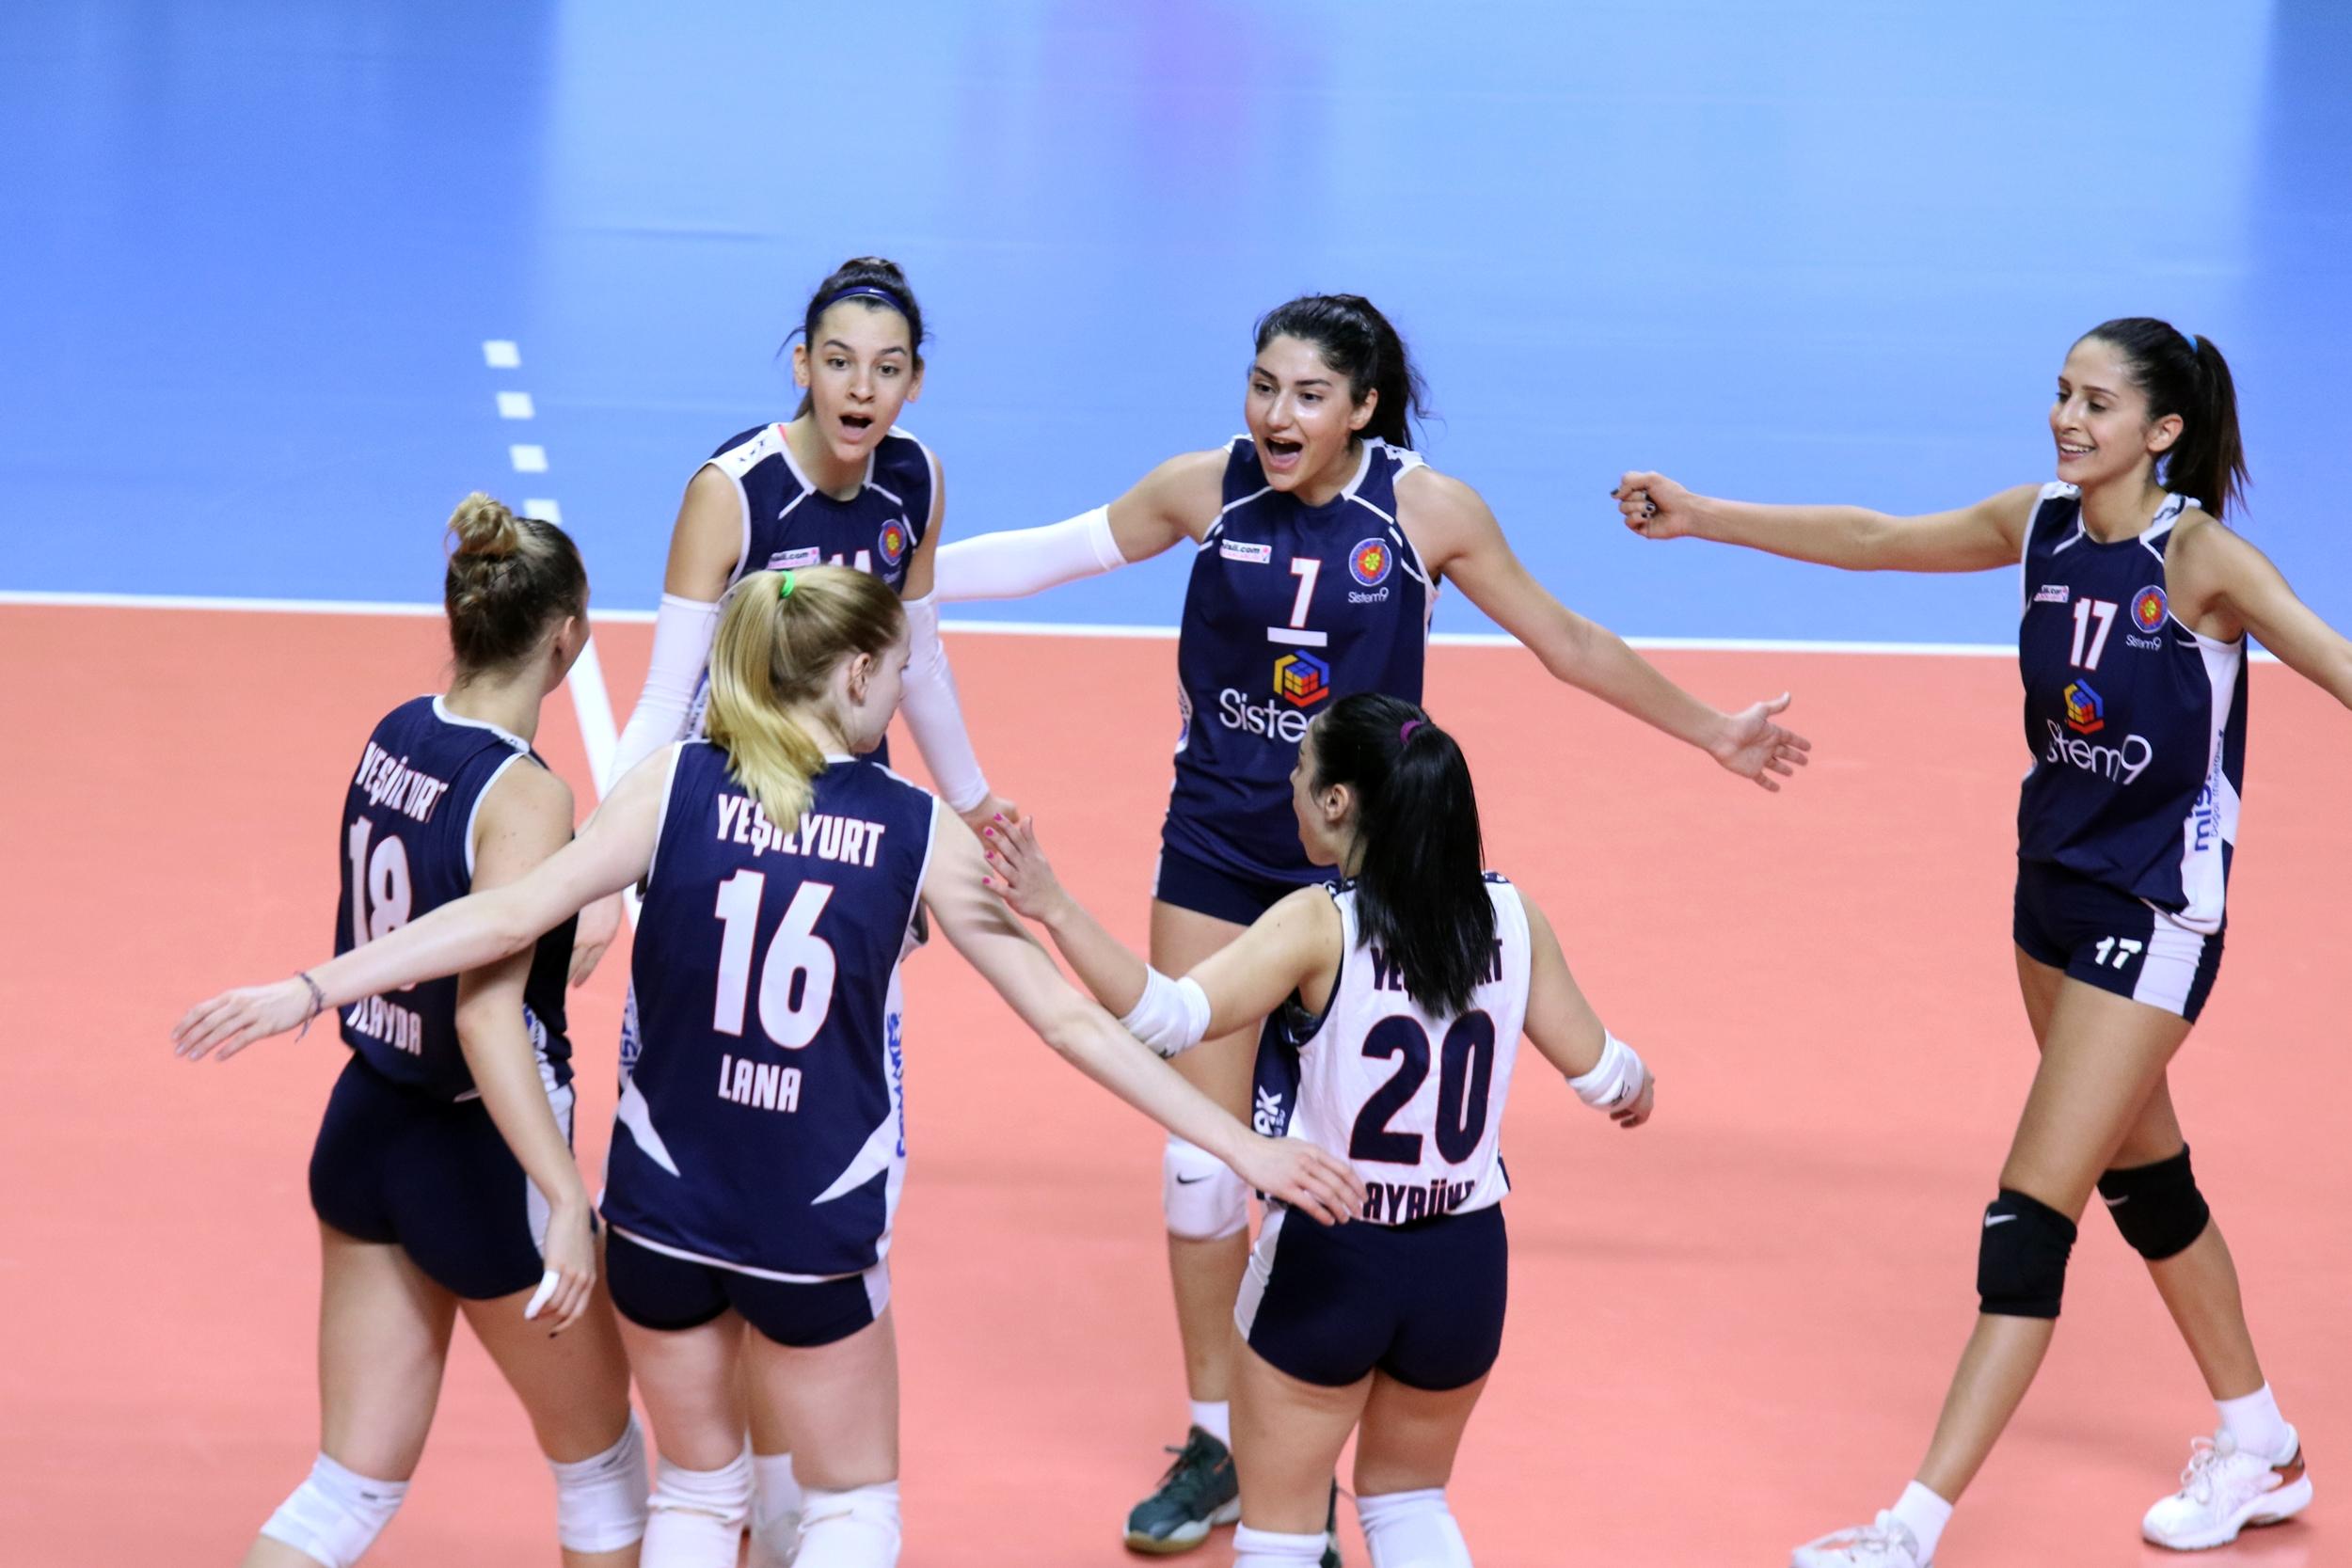 Tebrikler Kızlar! Sistem9 Yeşilyurt Kadın Voleybol Takımı, Avrupa Şampiyonu